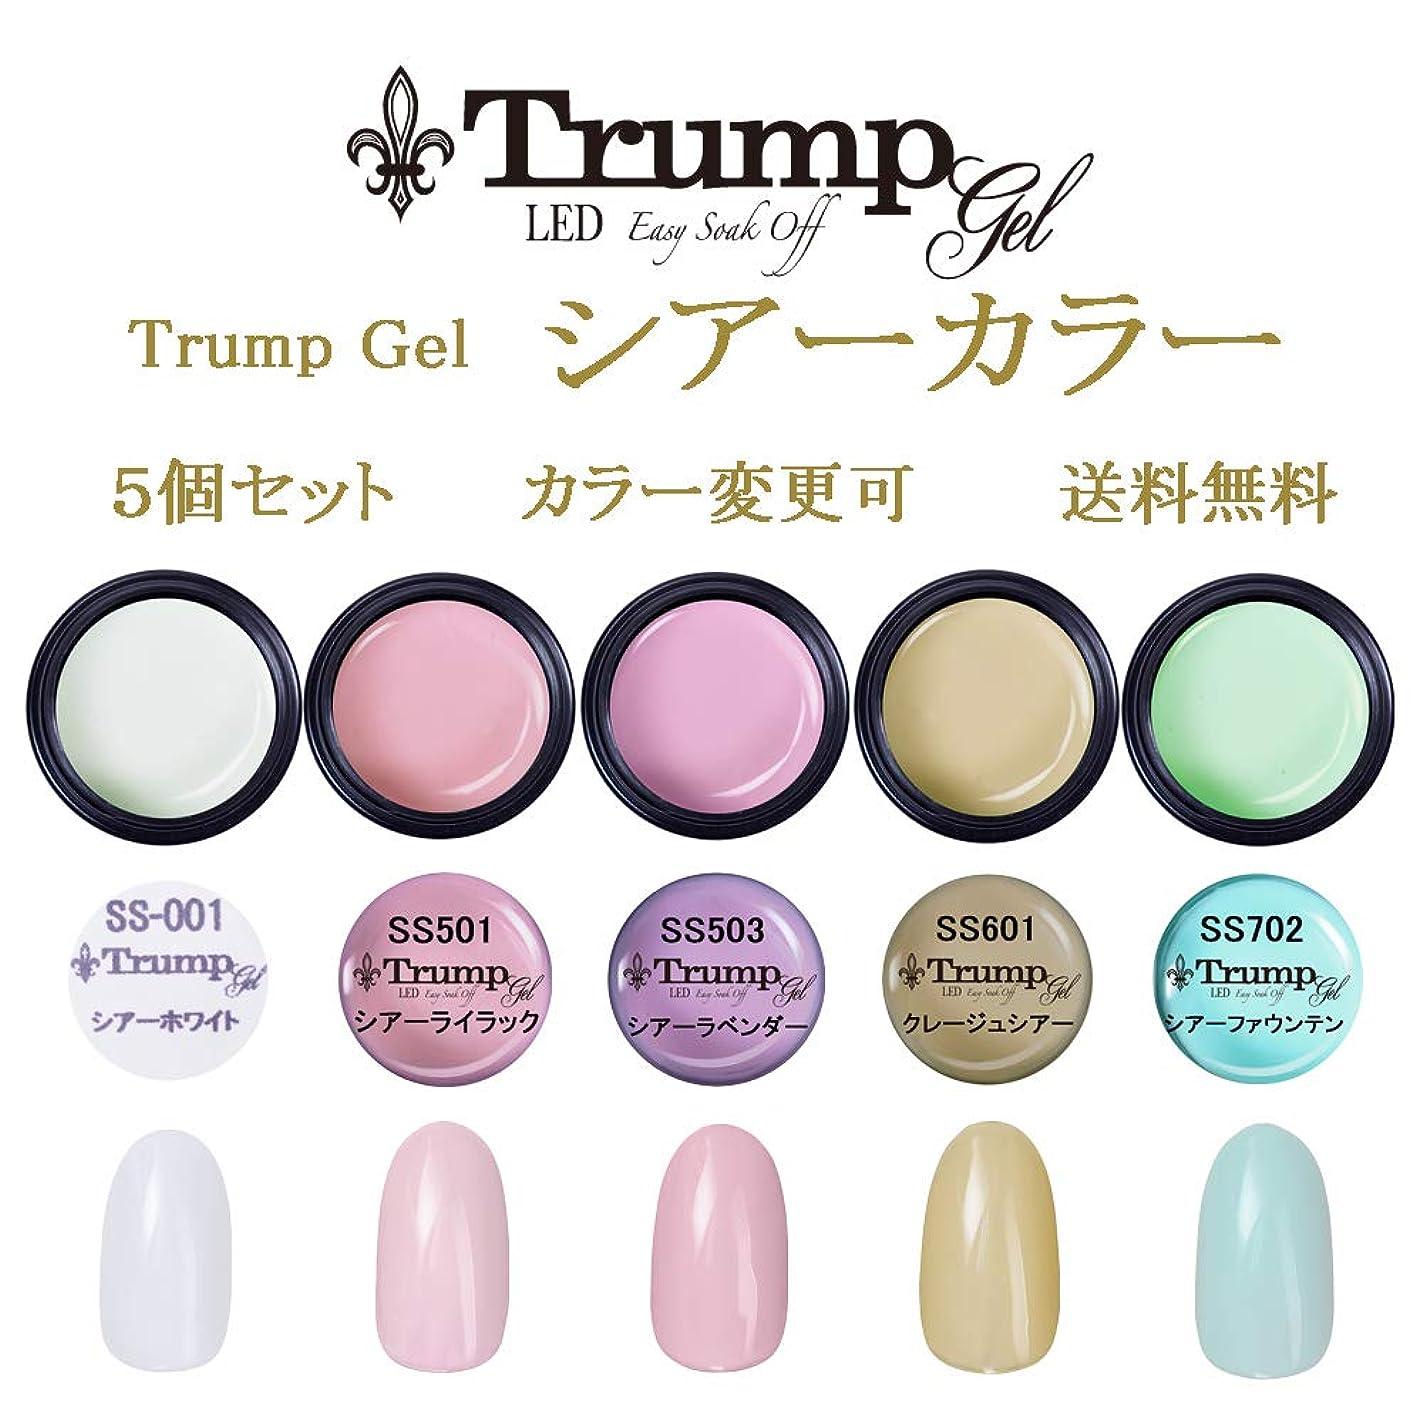 ペナルティ評議会ケープ日本製 Trump gel トランプジェル シアー カラージェル 選べる 5個セット ホワイト ピンク パープル イエロー ブルー